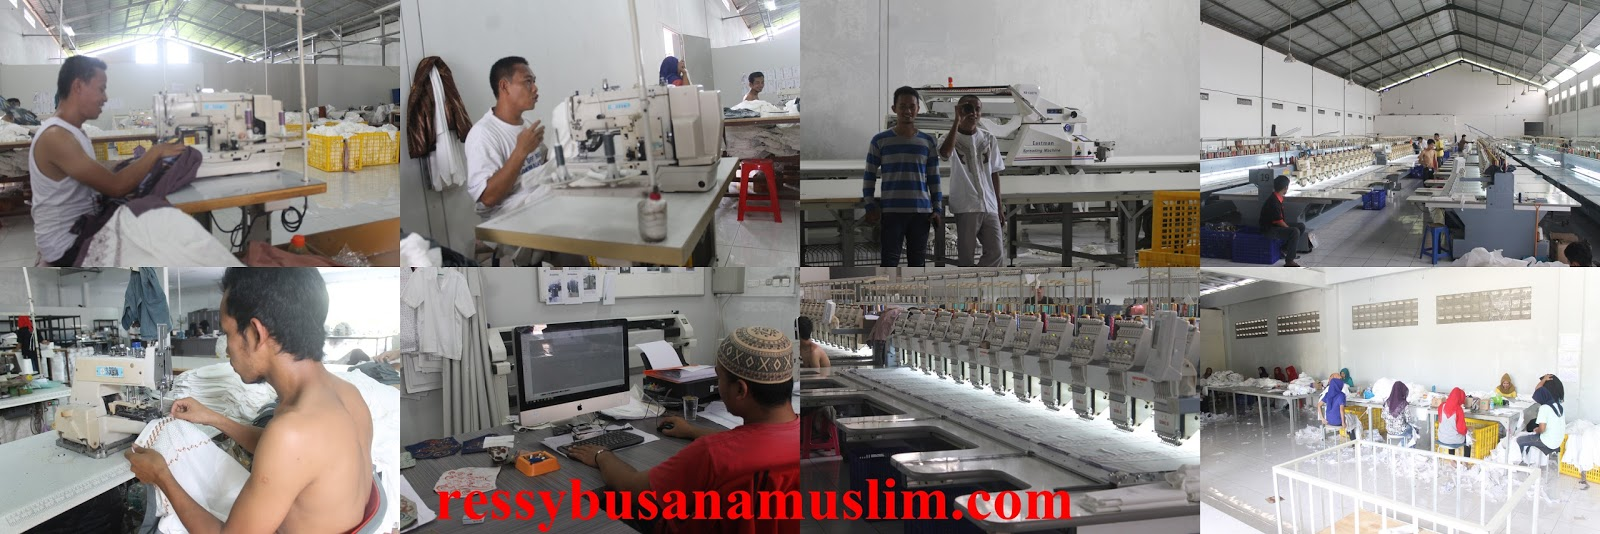 Ada berbagai macam alat yang digunakan karena pastinya dalam pembuatan  busana muslim memiliki tahapan dalam pembuatannya. Untuk mengetahuinya 67d682548f